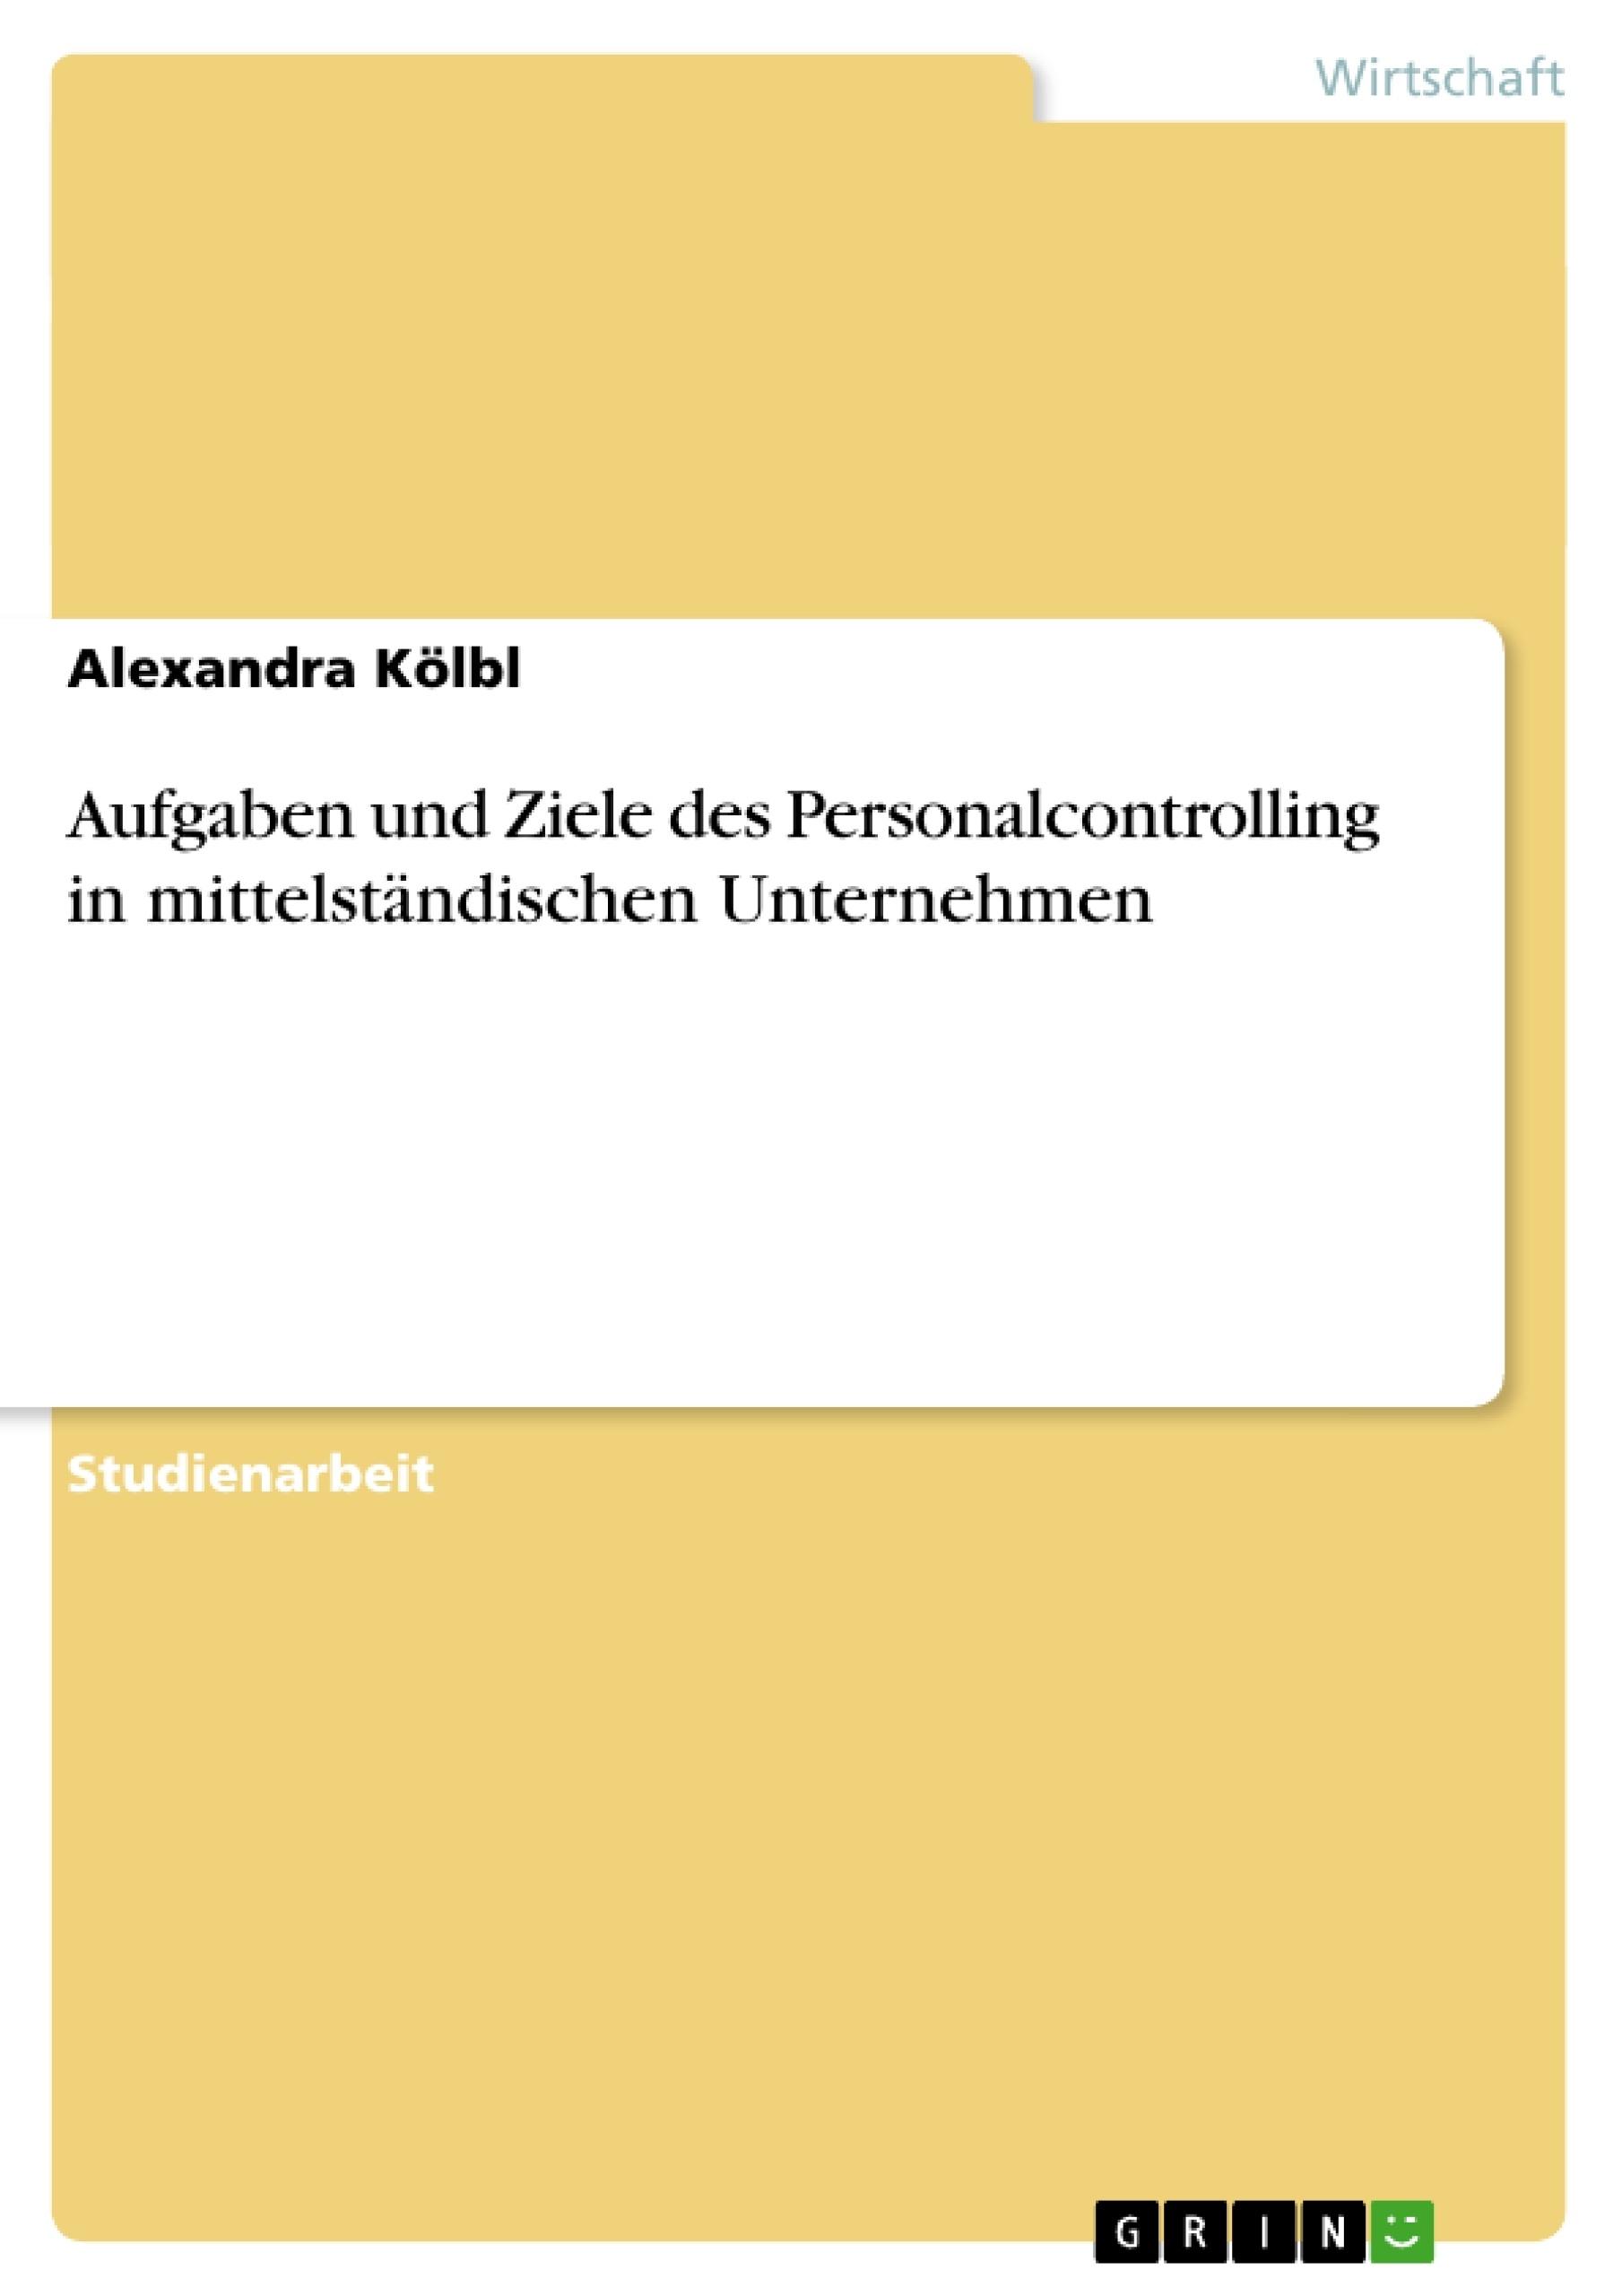 Titel: Aufgaben und Ziele des Personalcontrolling in mittelständischen Unternehmen